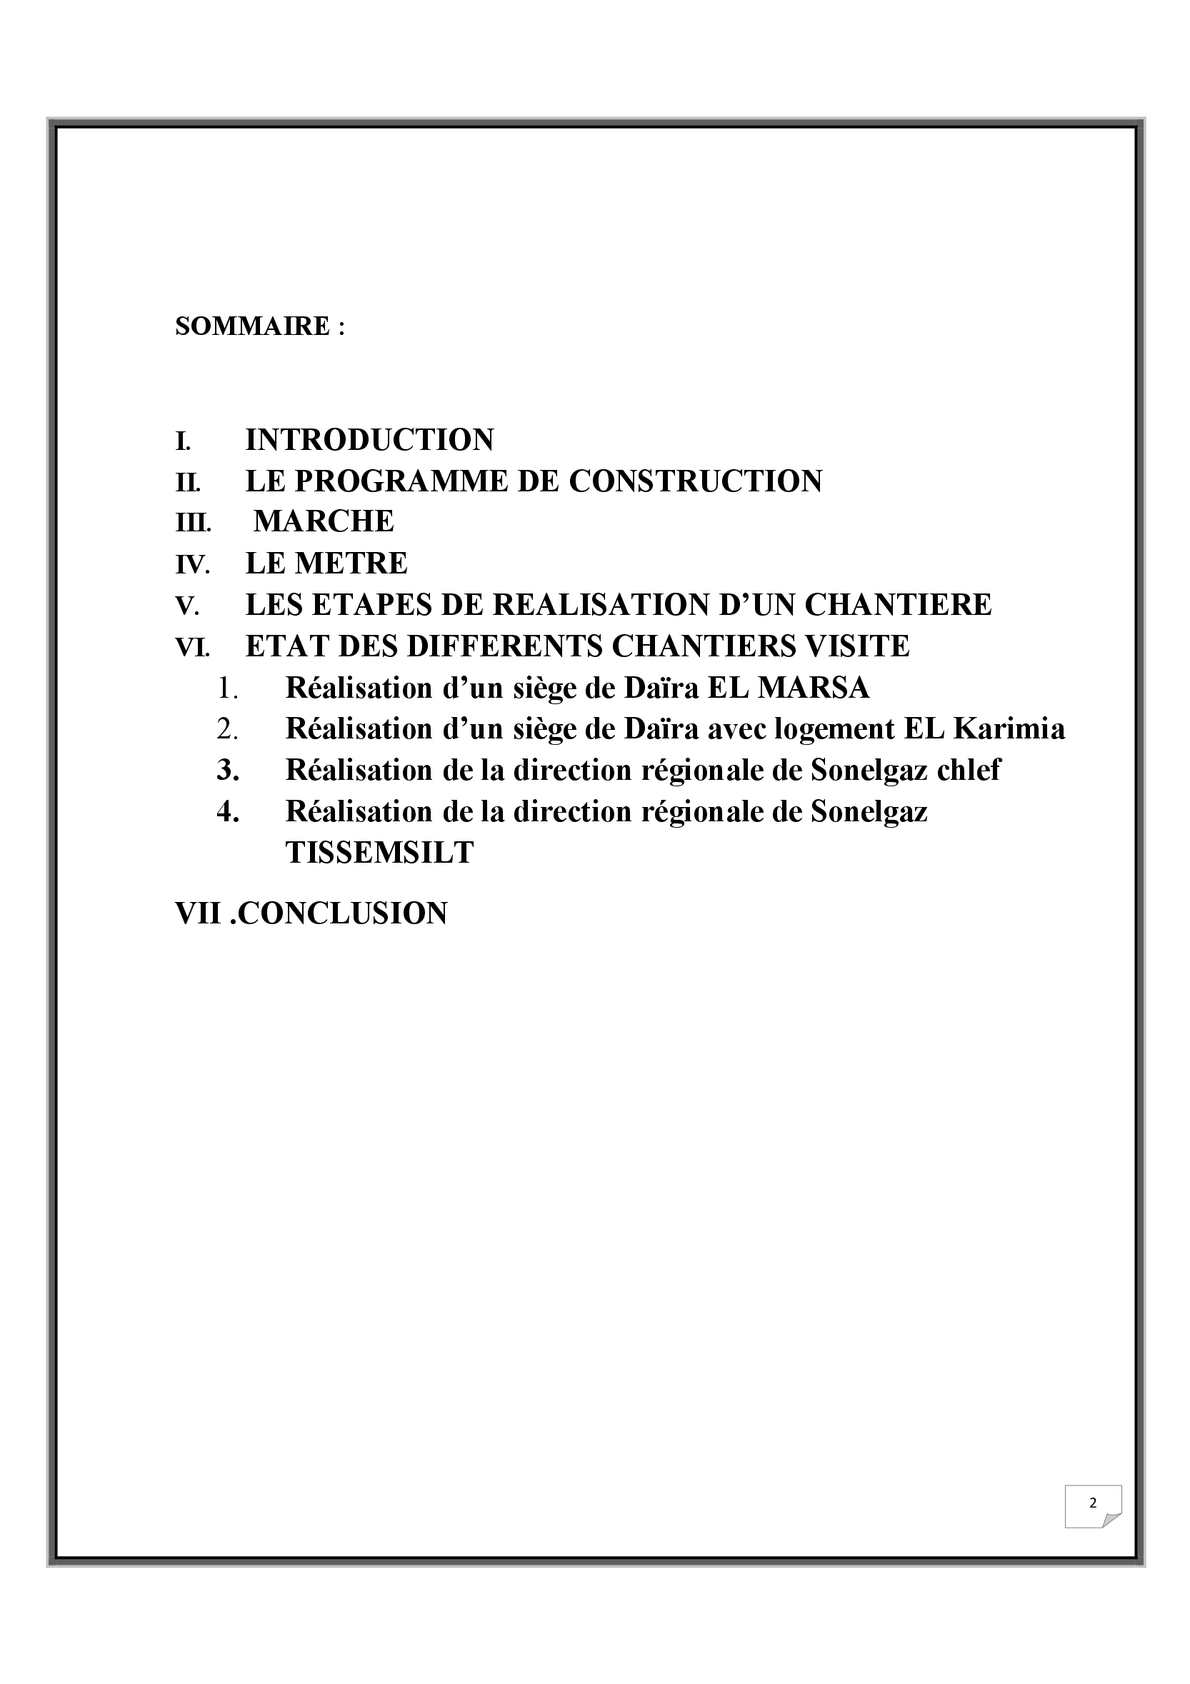 Rapport De Stage Bureau D étude Calameo Downloader